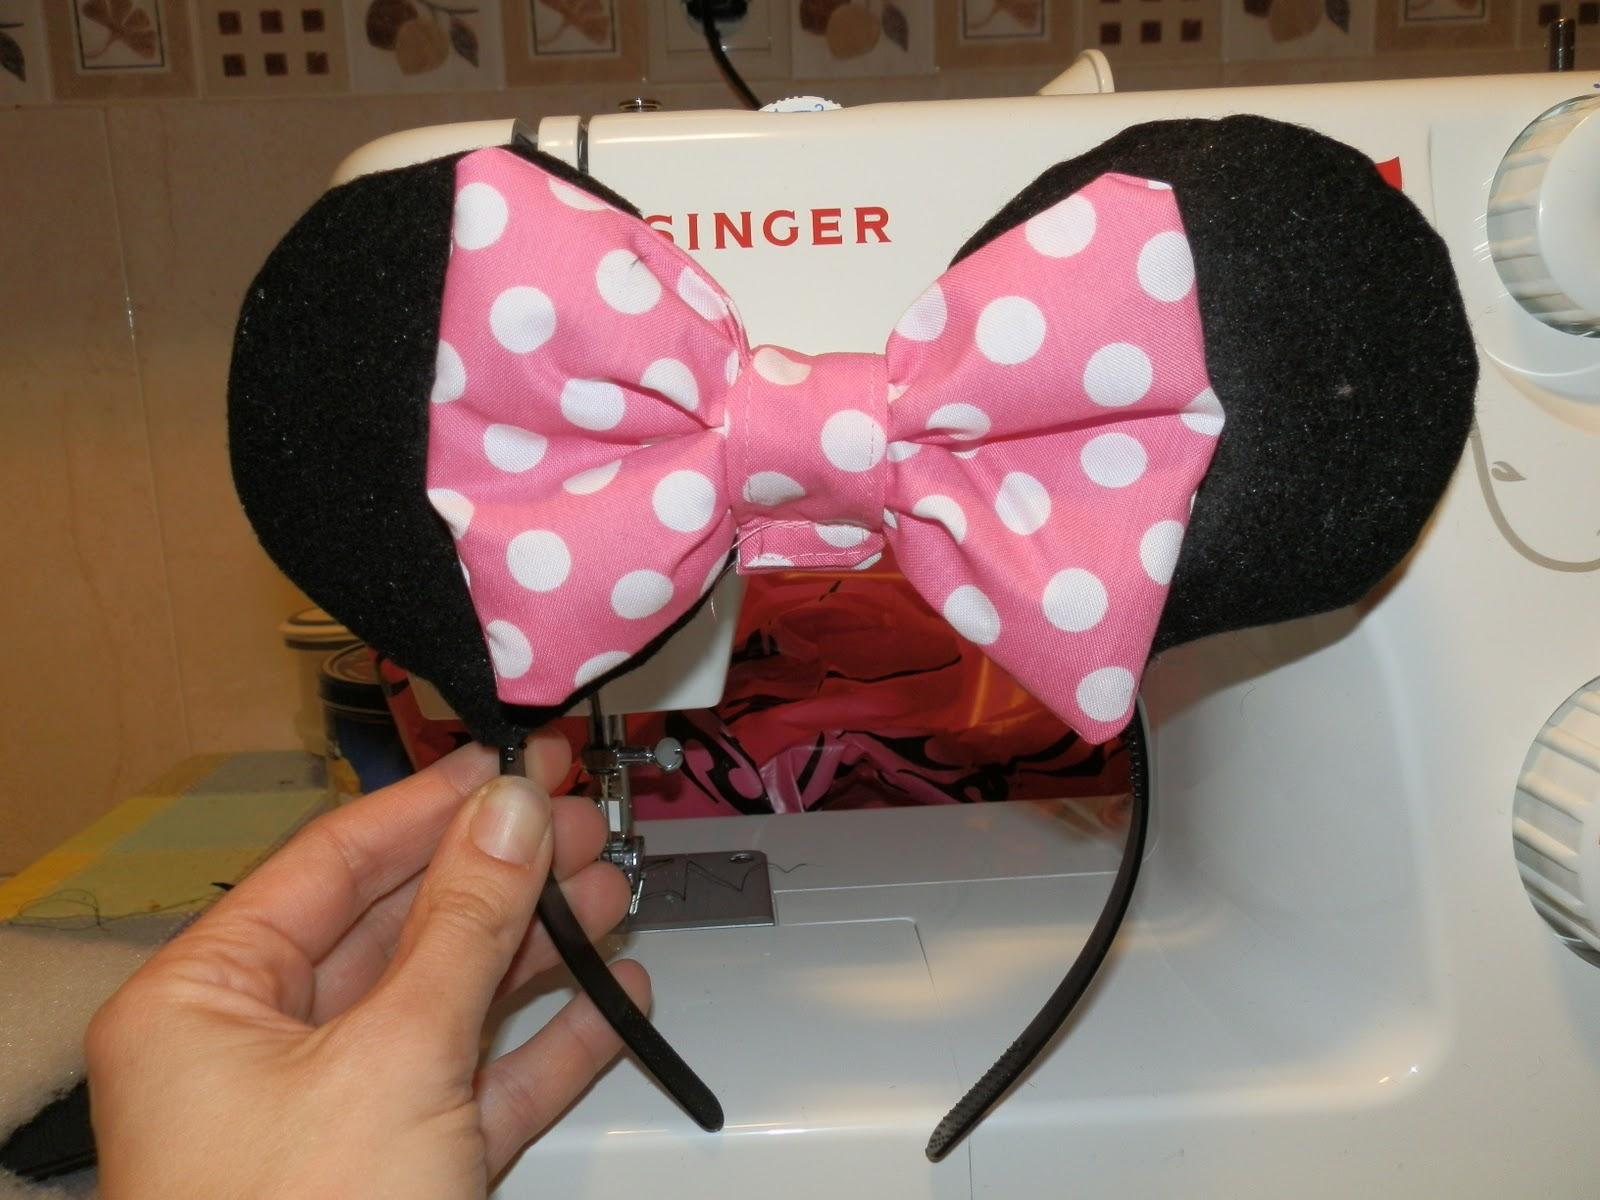 Orejas de Minnie Mouse